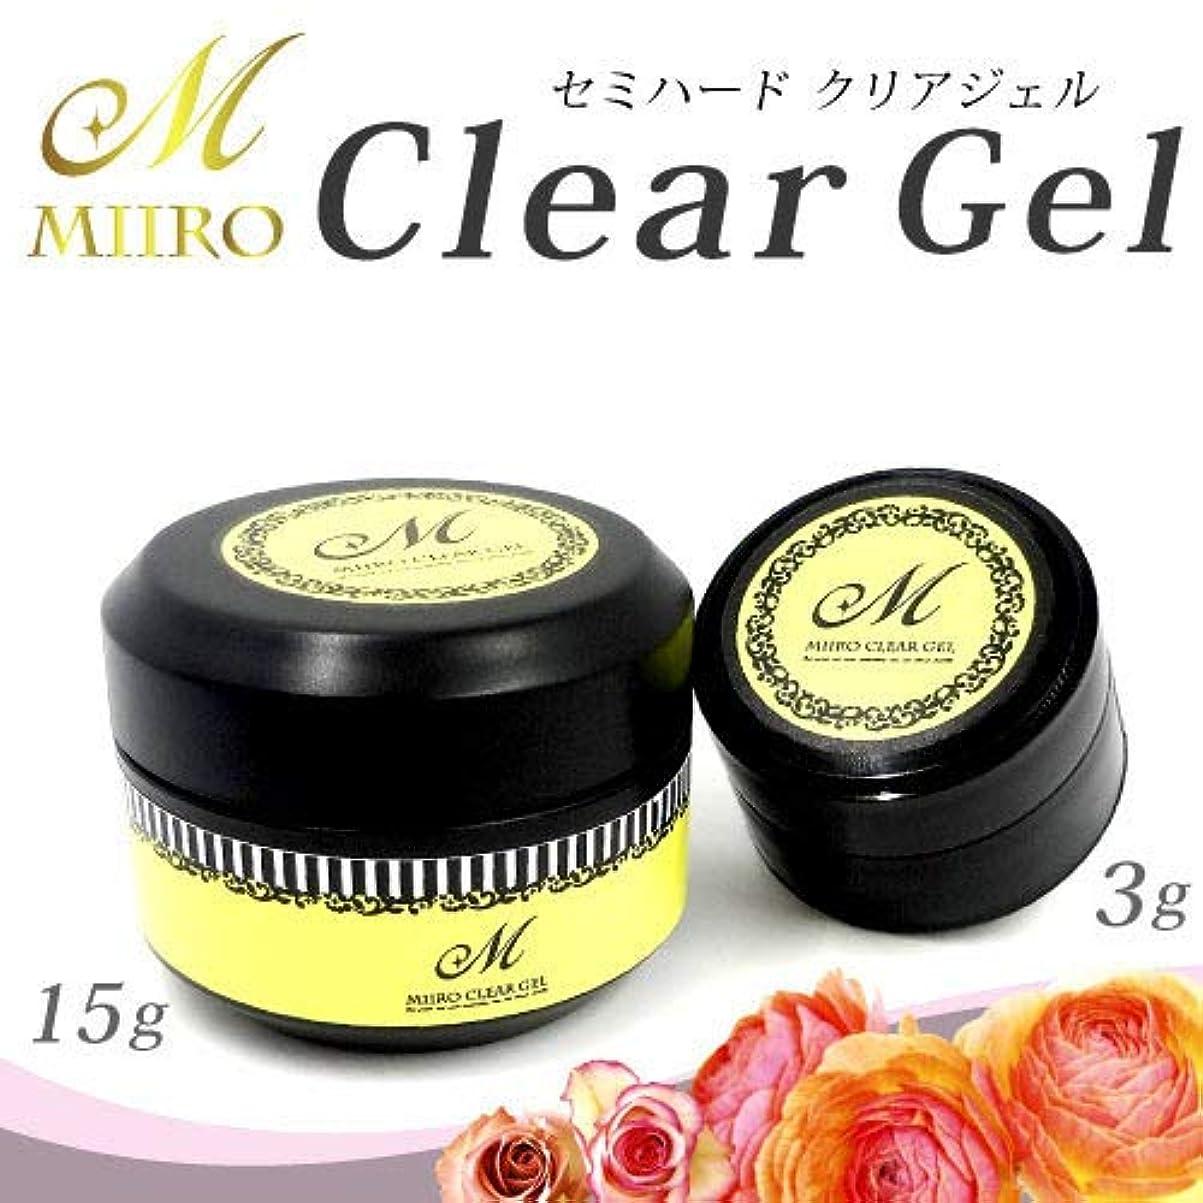 プロペラ蒸発ブランチセミハードクリアジェル 美色 Miiro(15g)UV&LED対応 (宅配便発送のみ)